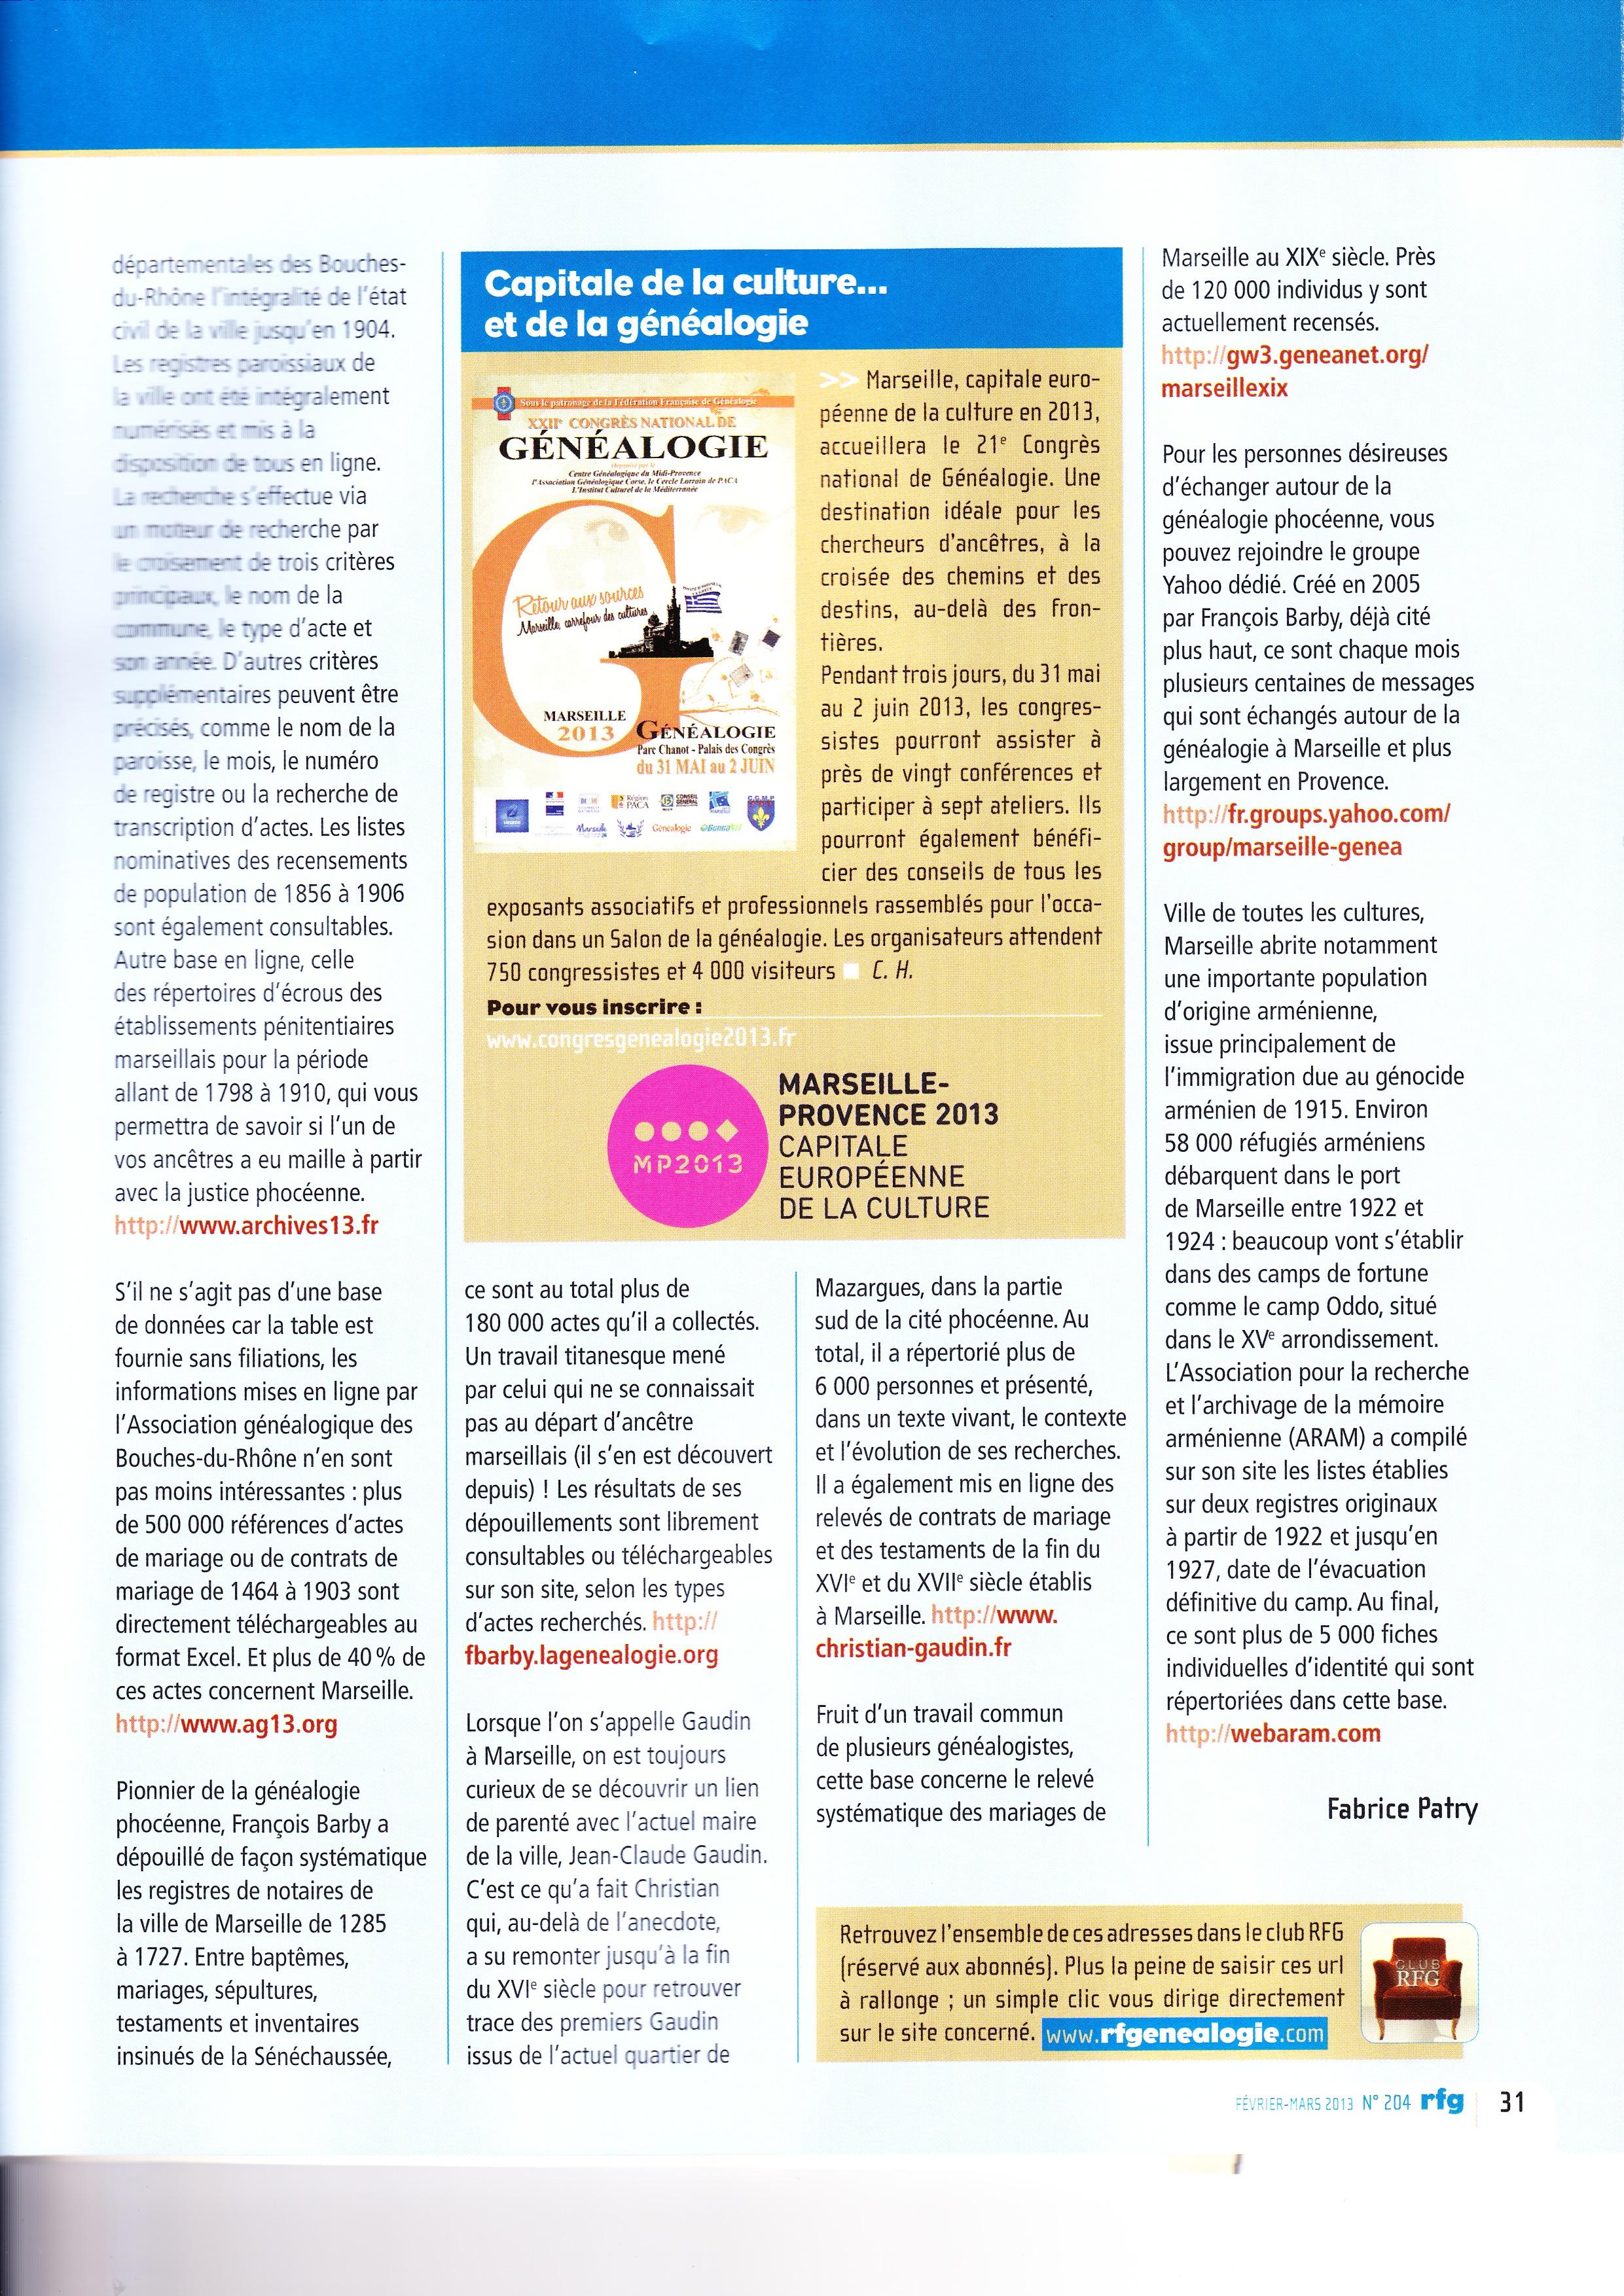 Généalogie Marseille 2013 (2)